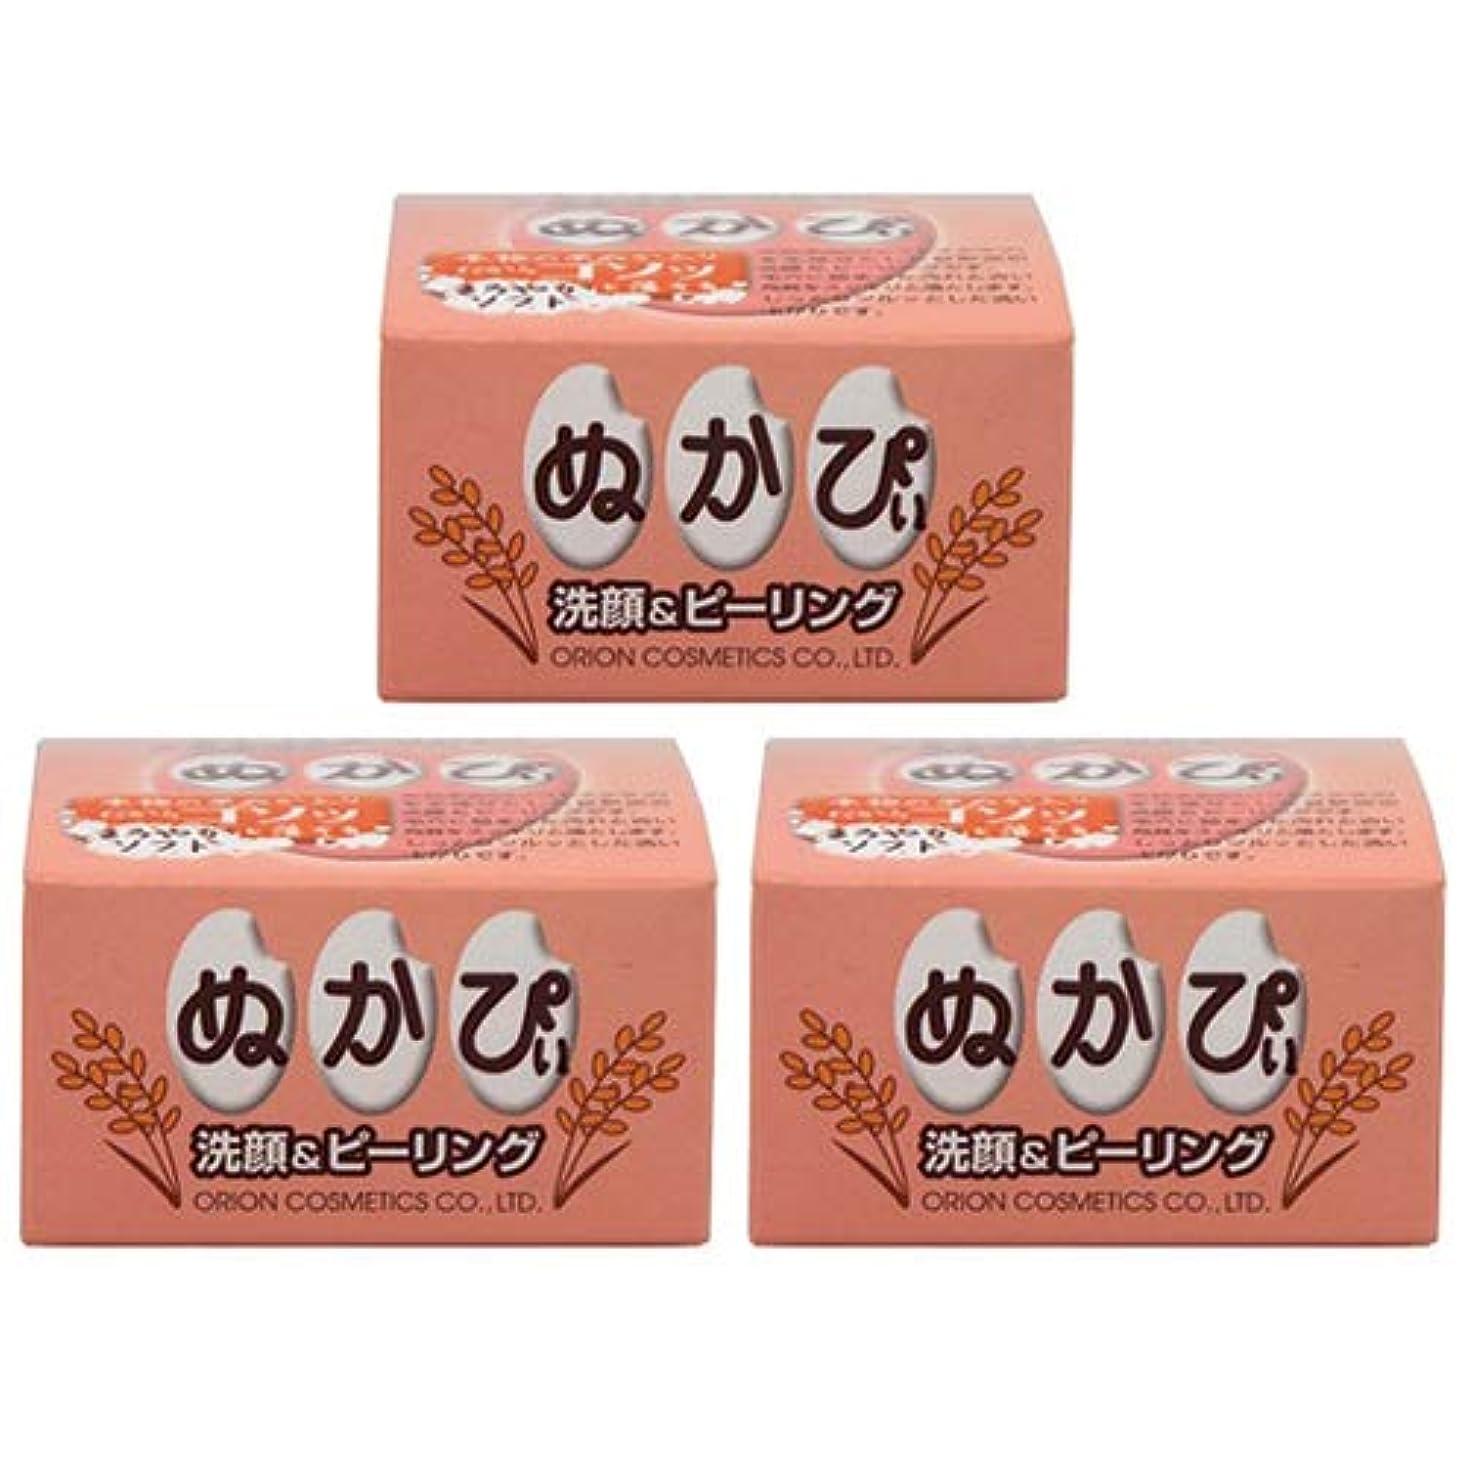 備品アセンブリり米ぬか洗顔料 ぬかぴぃ (まろやかソフト) 50g×3個セット